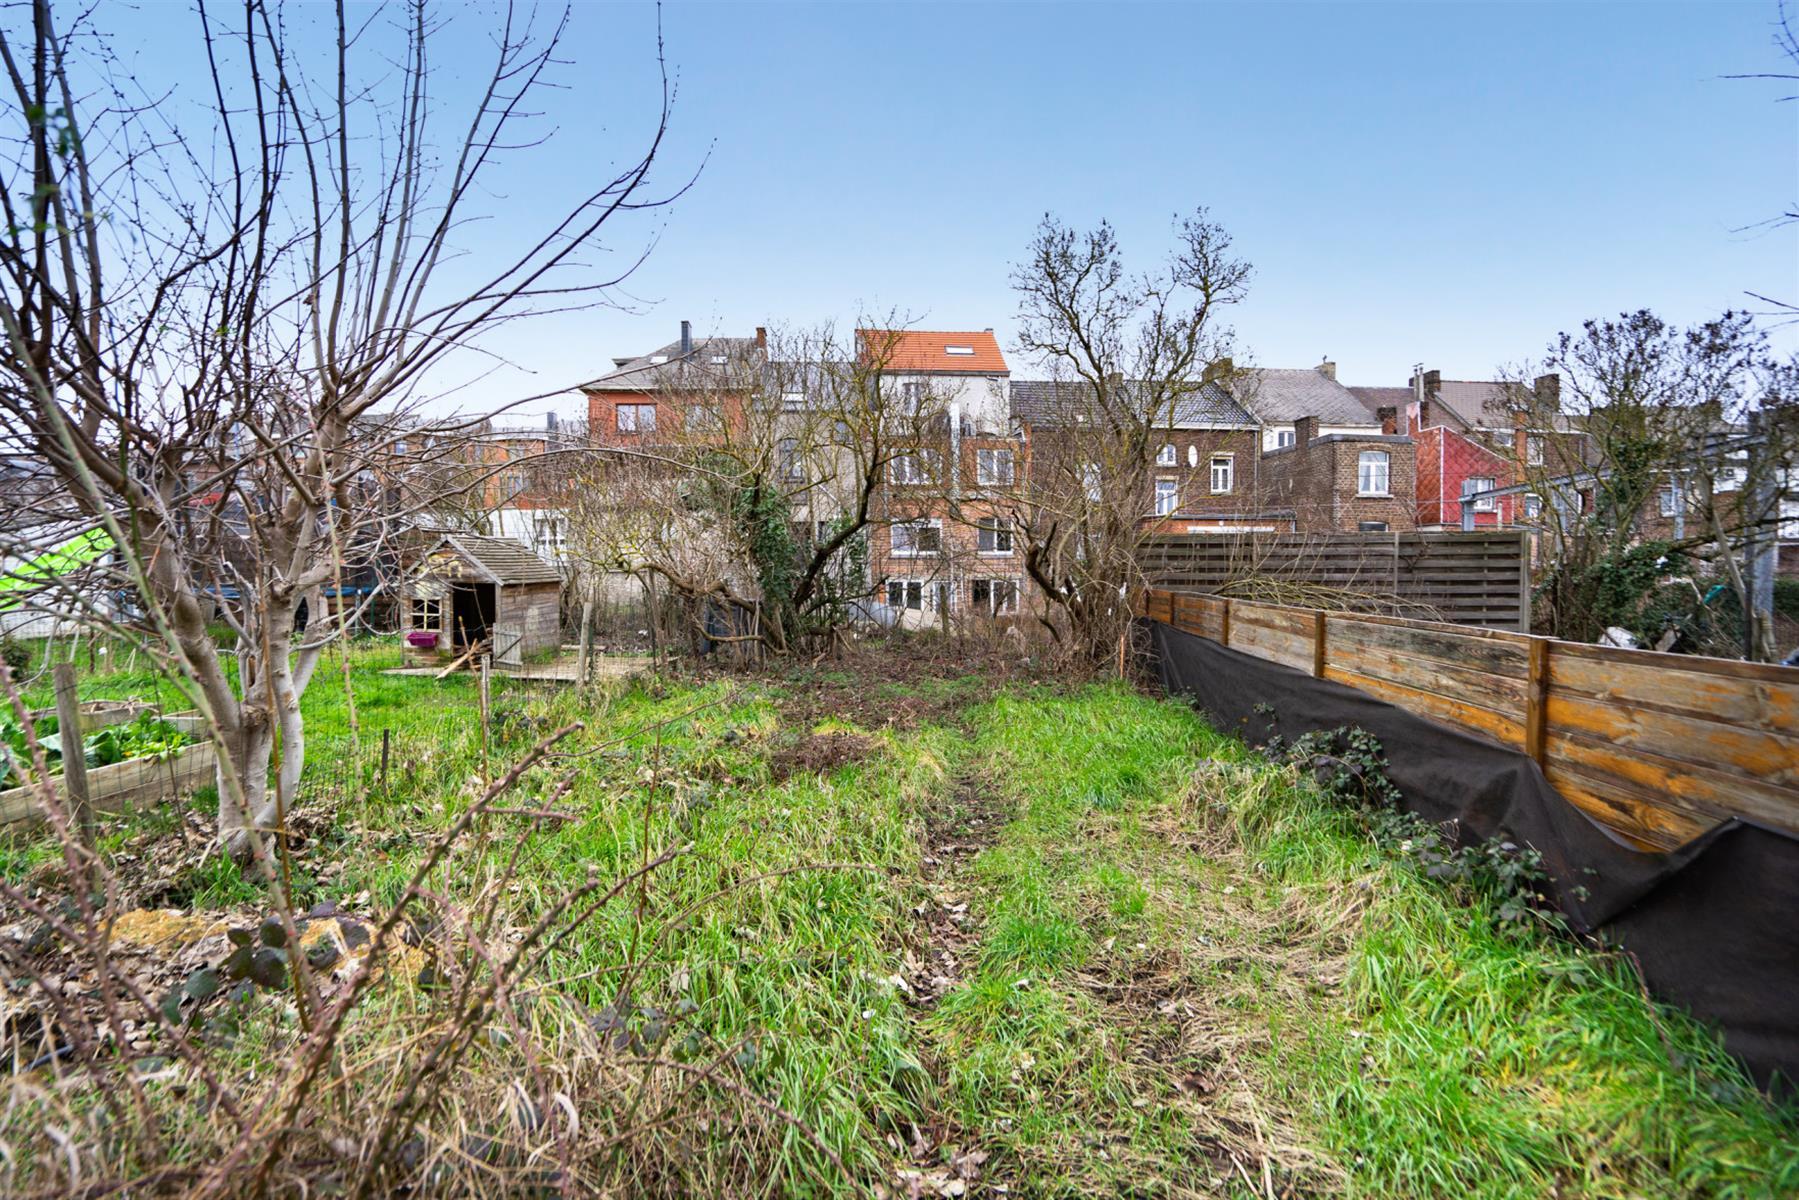 Maison - Namur Saint-Servais - #4251701-9